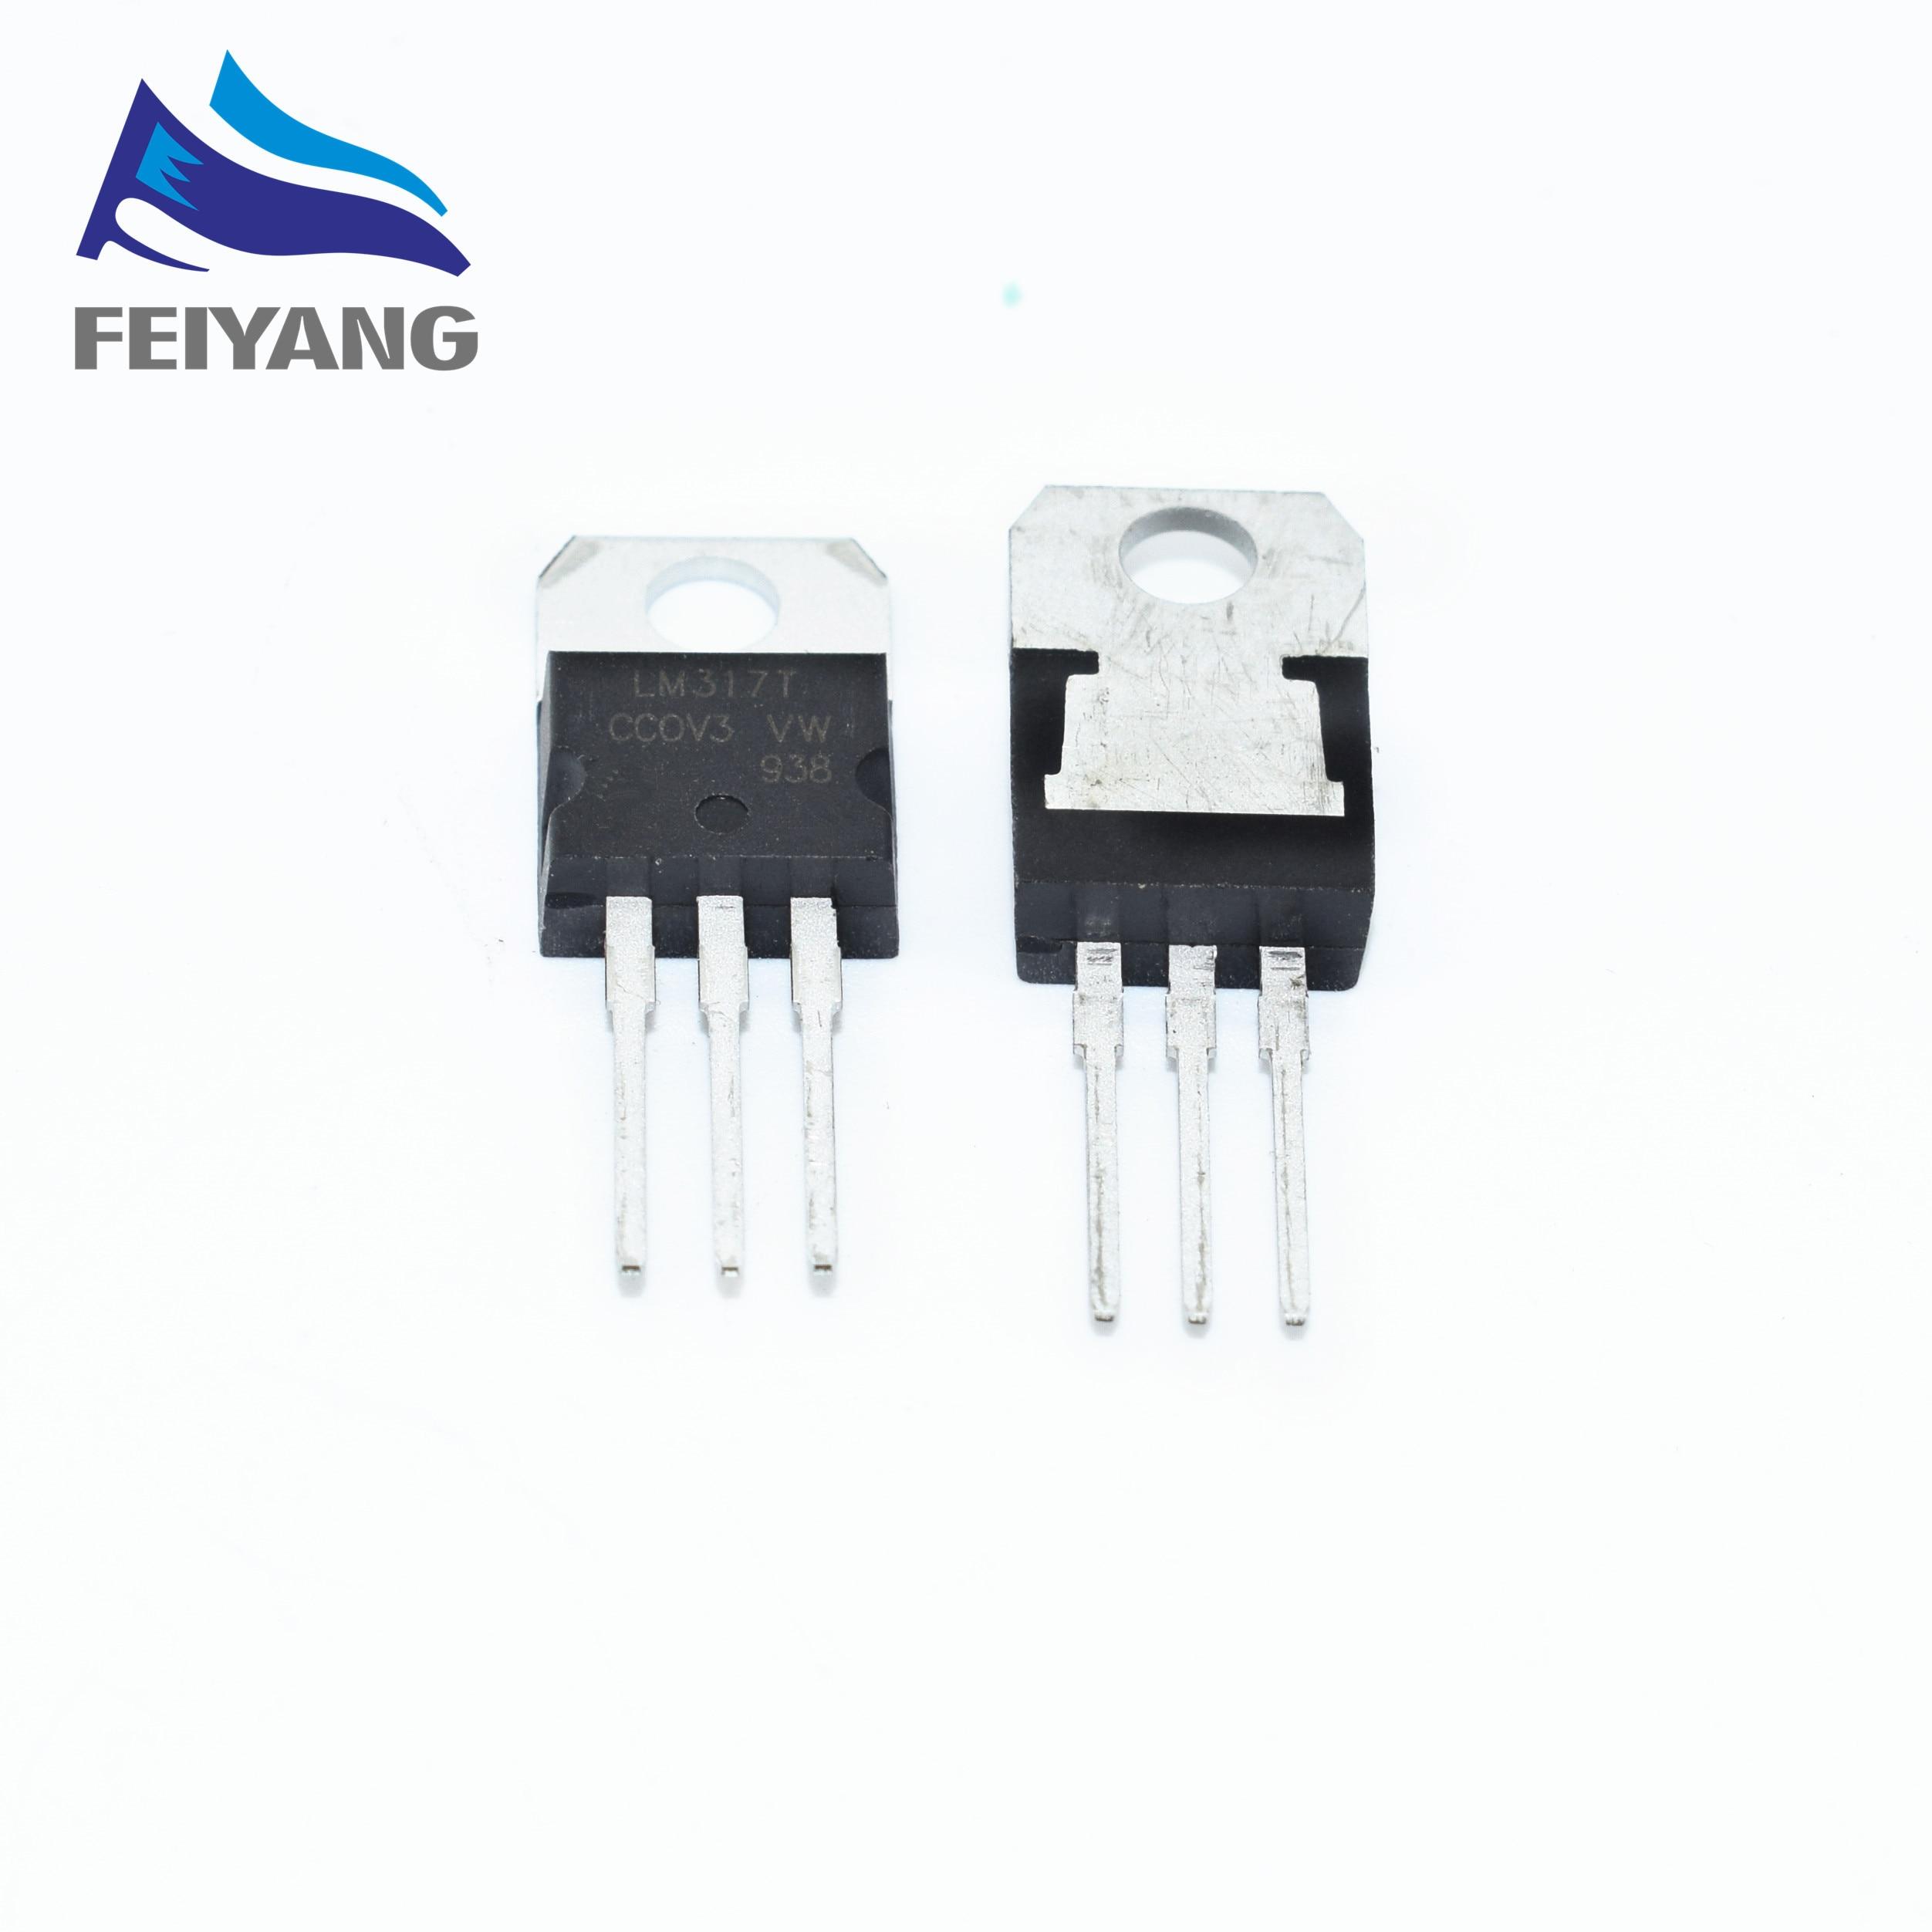 Free Shopping 10pcs Lm317t Lm317 Voltage Regulator Ic 12v To 37v Adjustable Source Integrated Circuit 7805 Positive Operational Amplifier 4558 10 Unids Regulador De Voltaje 12 V A 37 15a